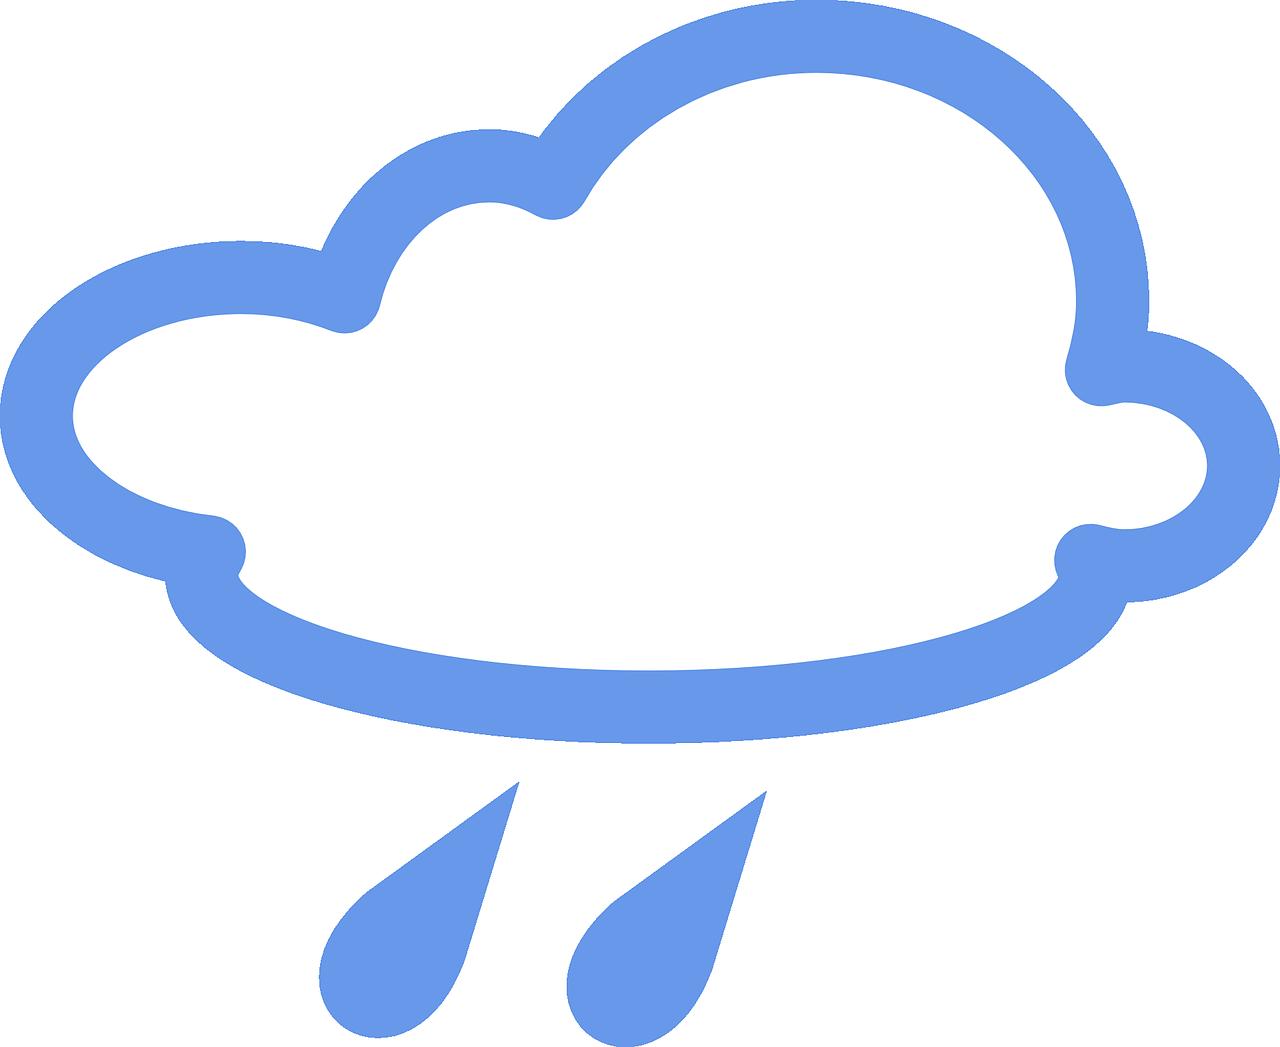 Thunderstorm clipart overcast. Cloudy rainy rain drops